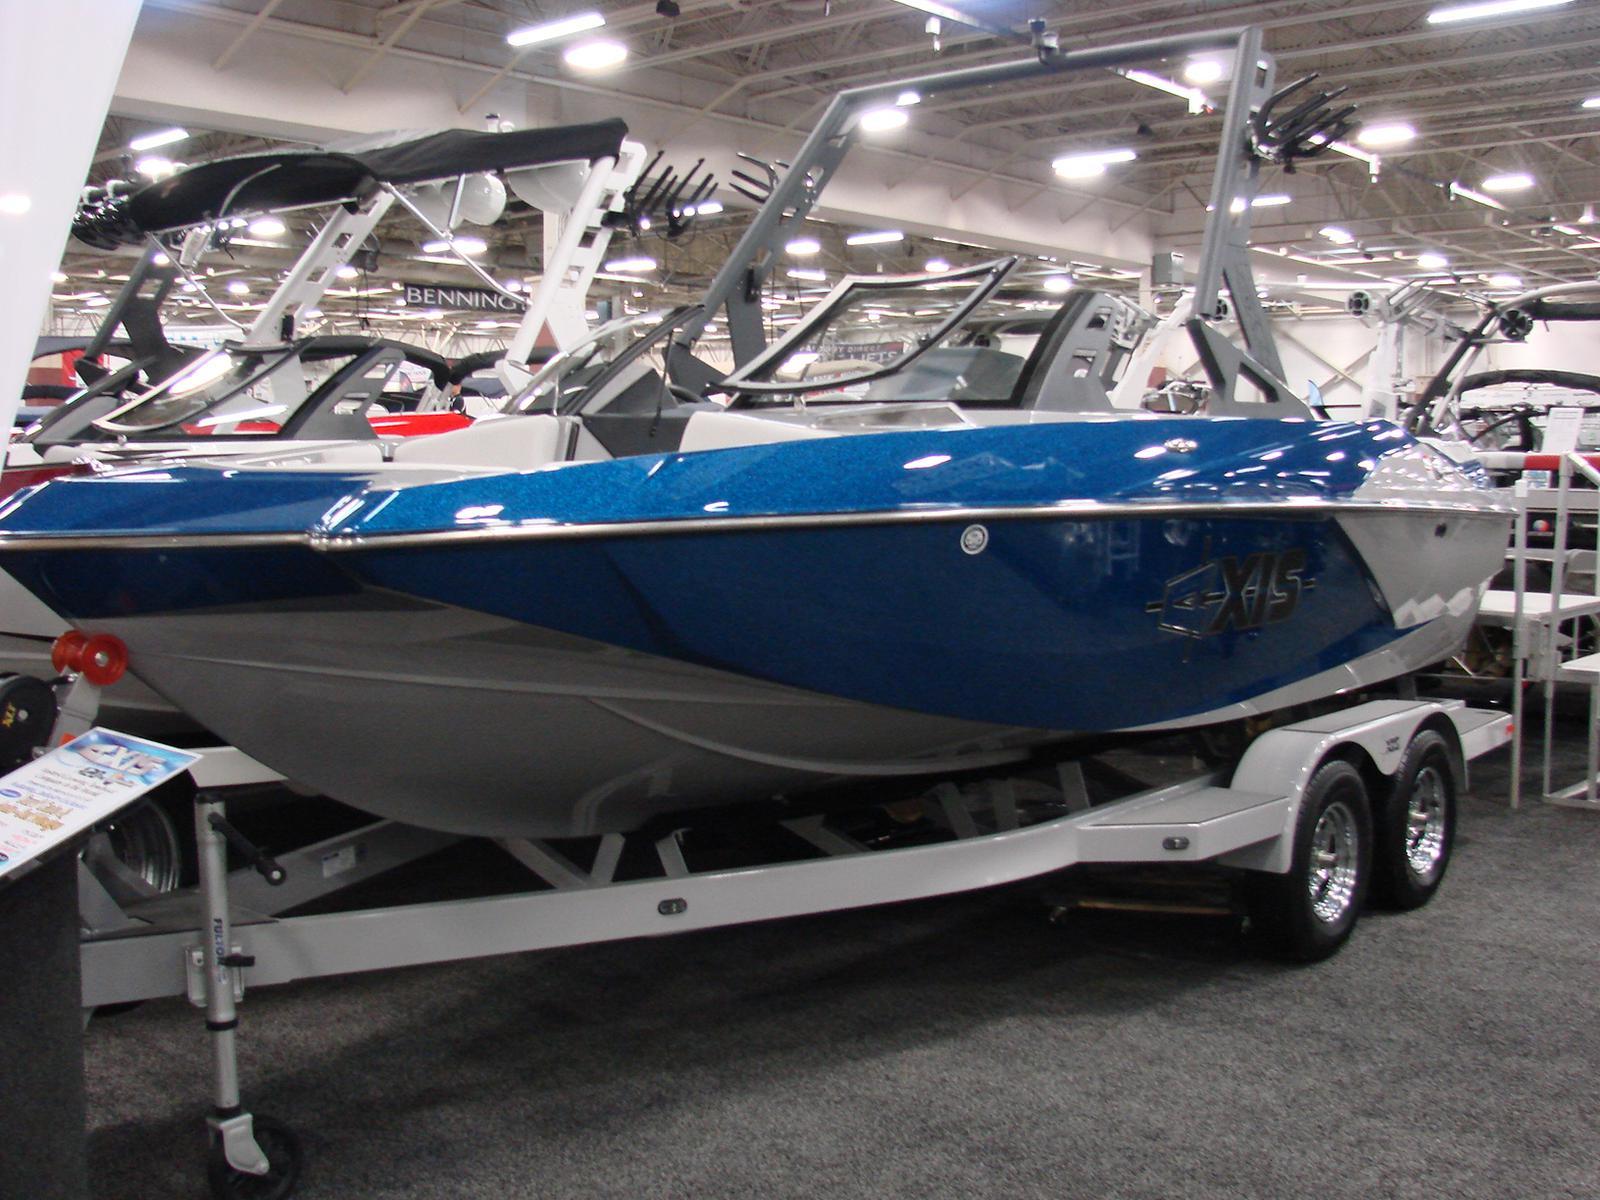 Inventory from Alumacraft, Sea-Doo Sport Boats and Axis Wake